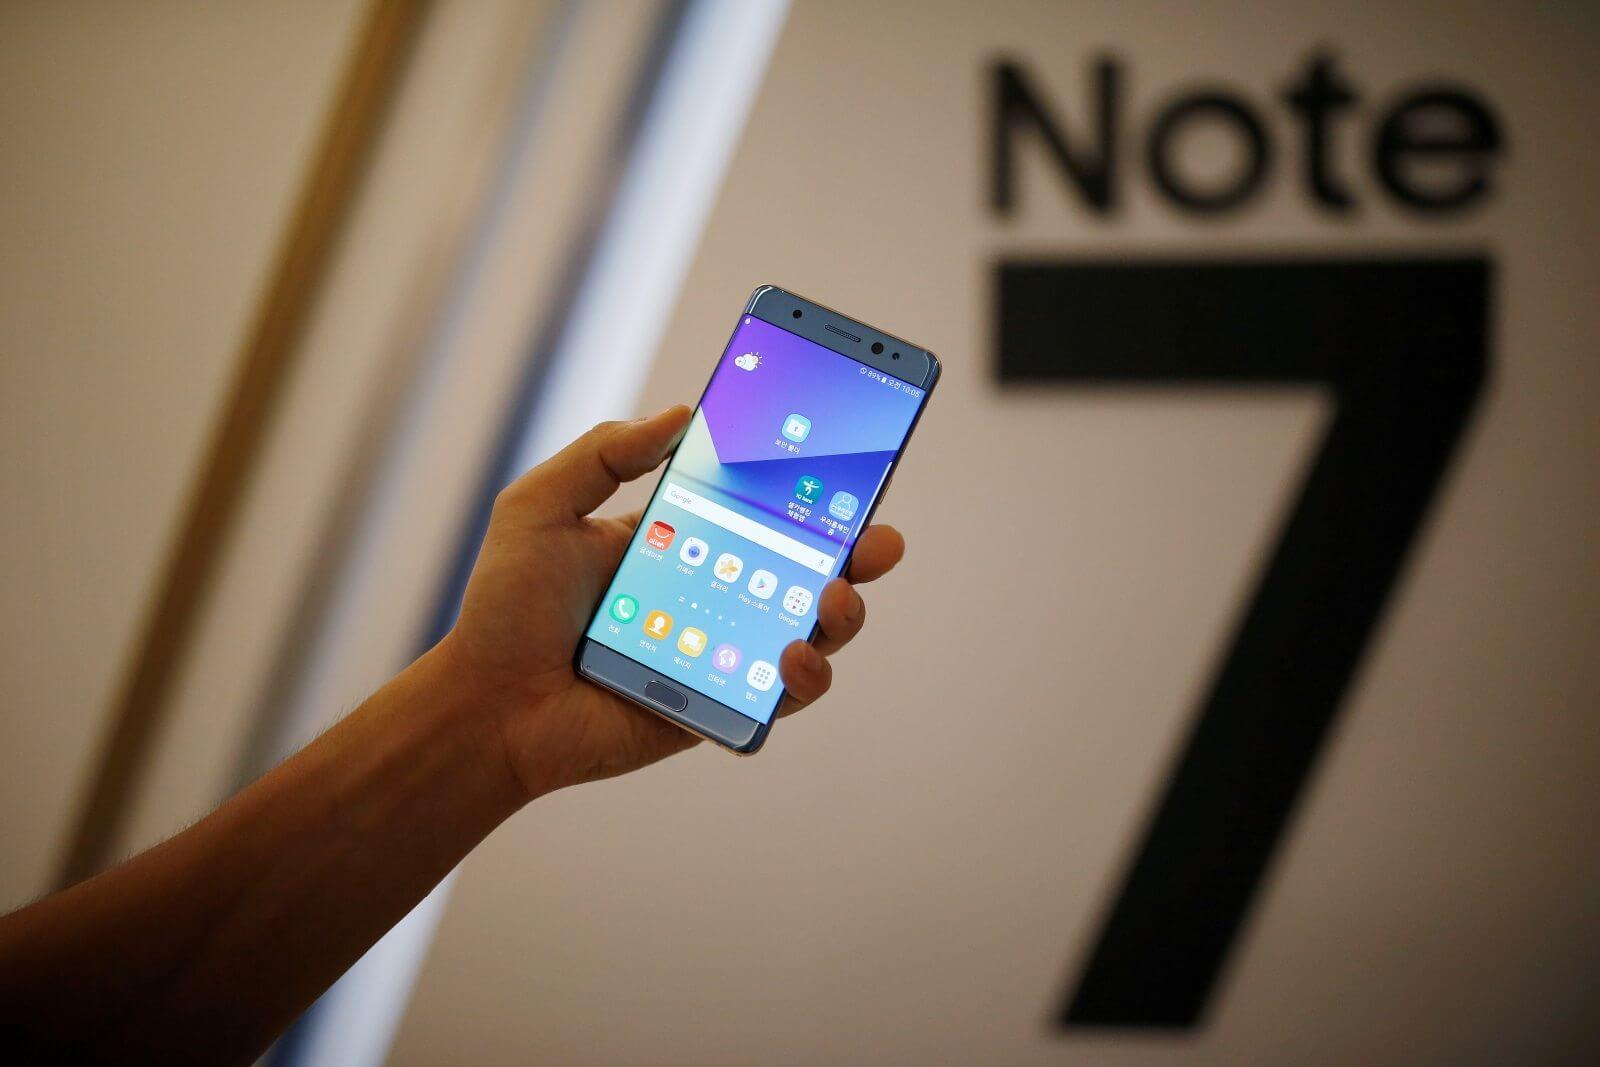 Galaxy Note 7 voltará ao mercado ainda este mês